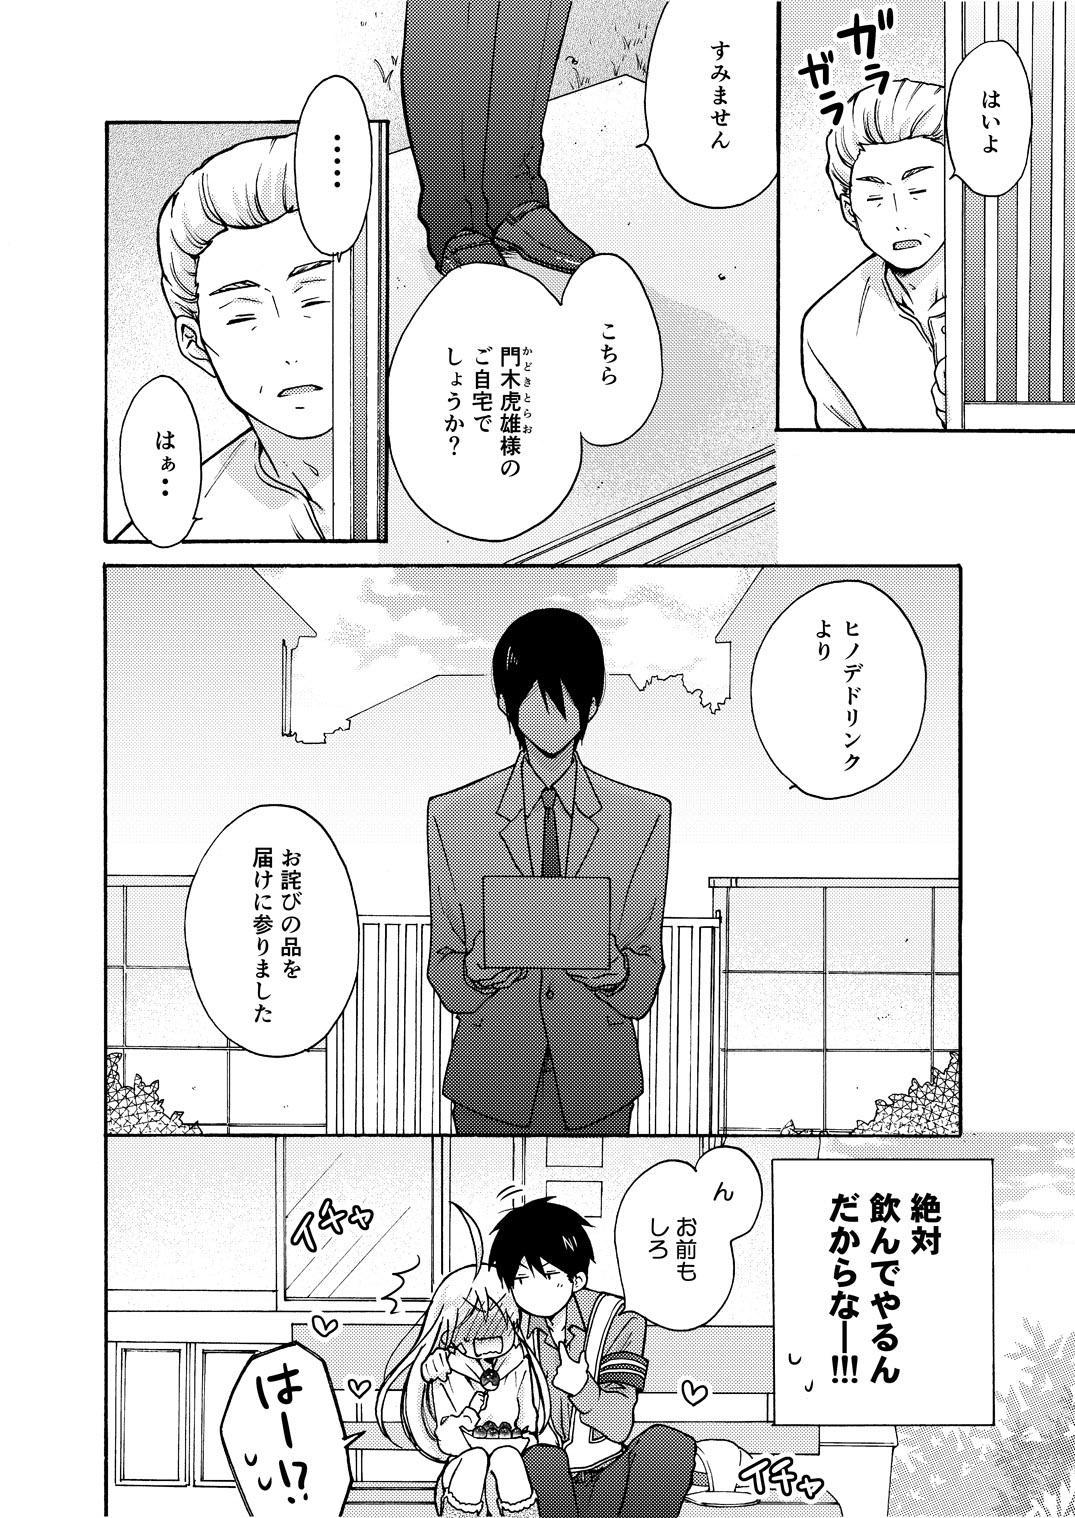 Nyotaika Yankee Gakuen ☆ Ore no Hajimete, Nerawaretemasu. 9 18